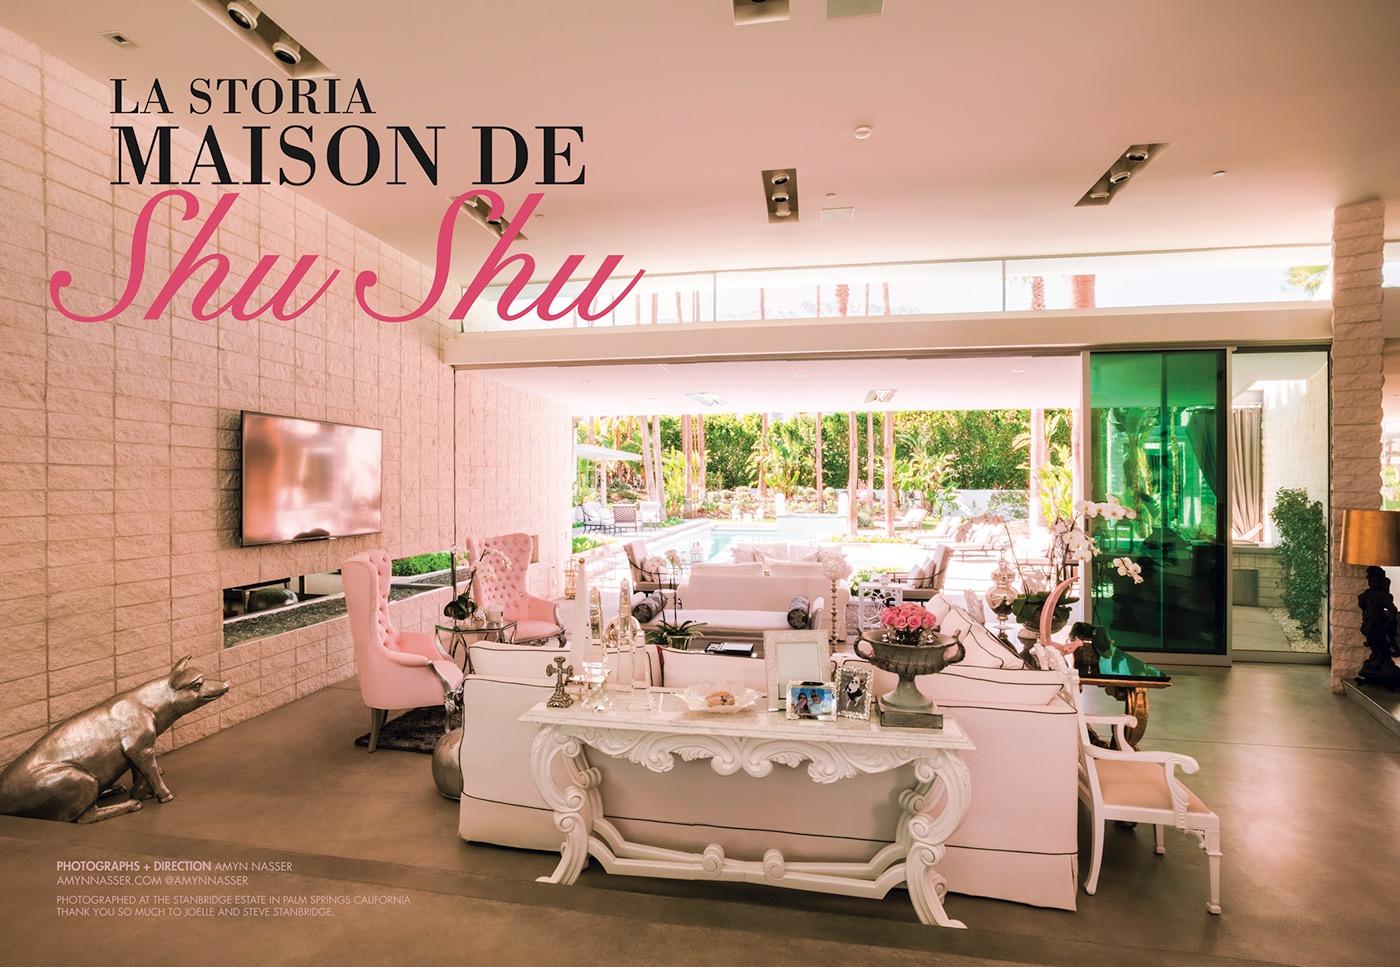 Maison de dcoration photo taken at maison de tet decor by - Maison plain pied deco orientale palm springs ...